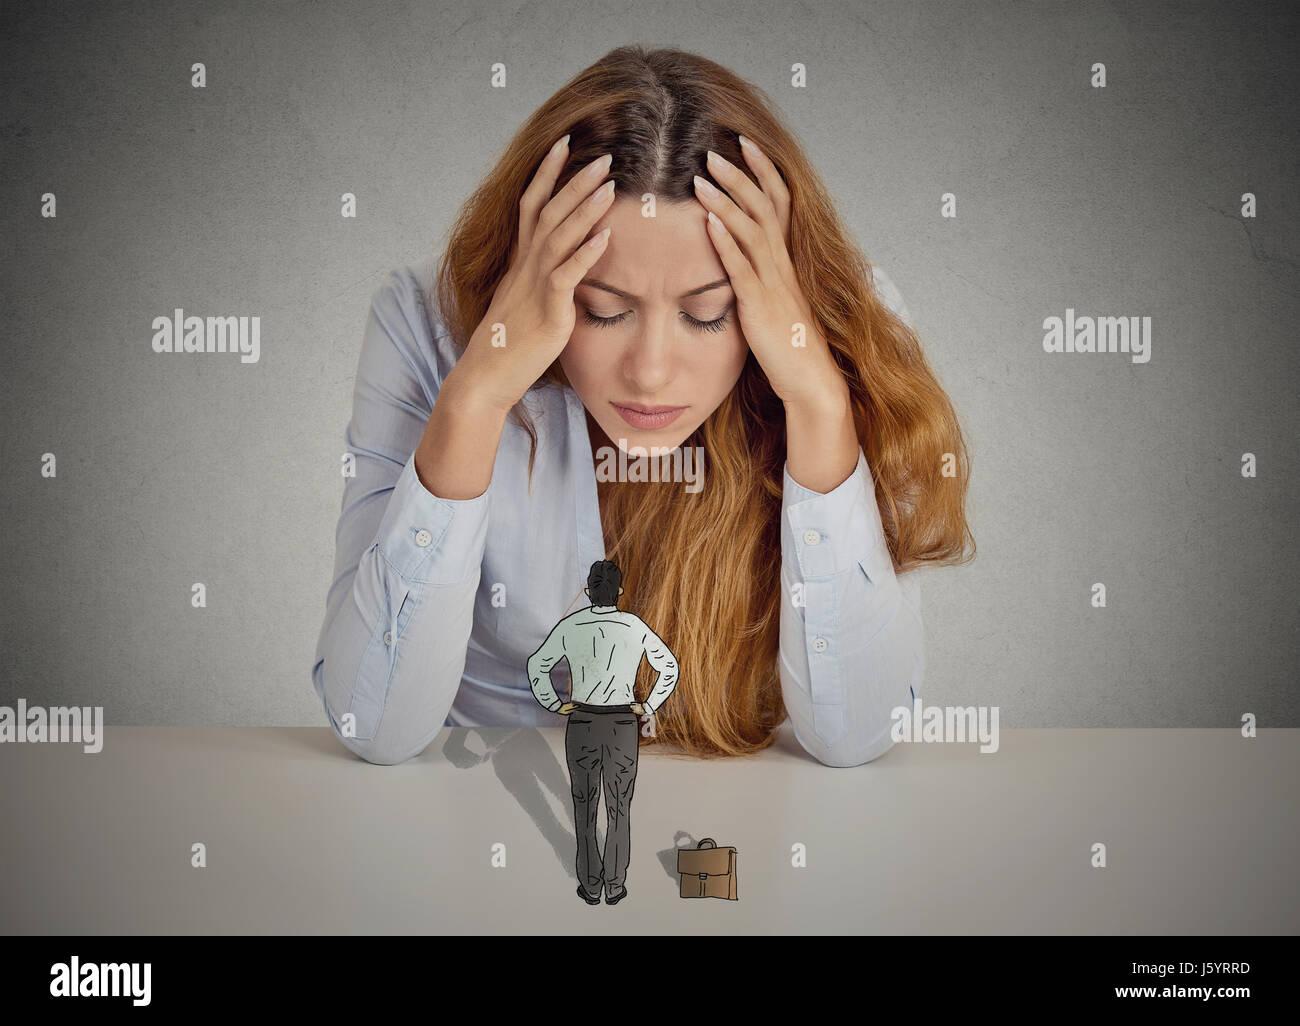 Subrayó desesperada mujer de negocios apoyado en un escritorio pequeño hombre ejecutivo autoritario paternalista Imagen De Stock